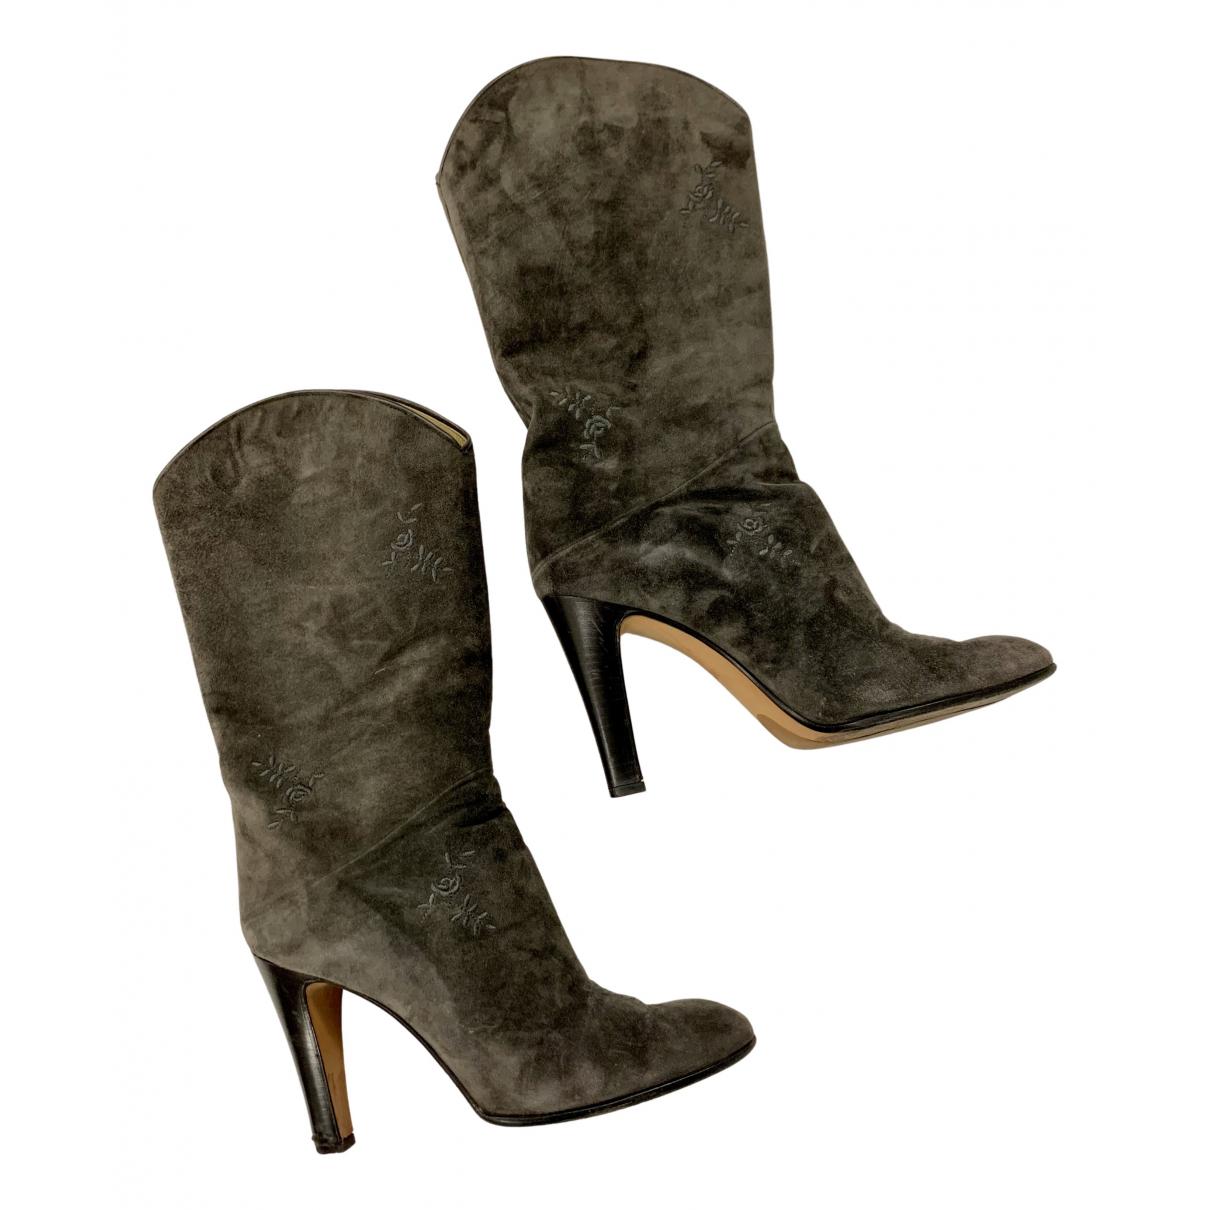 Gianni Versace - Bottes   pour femme en cuir - gris